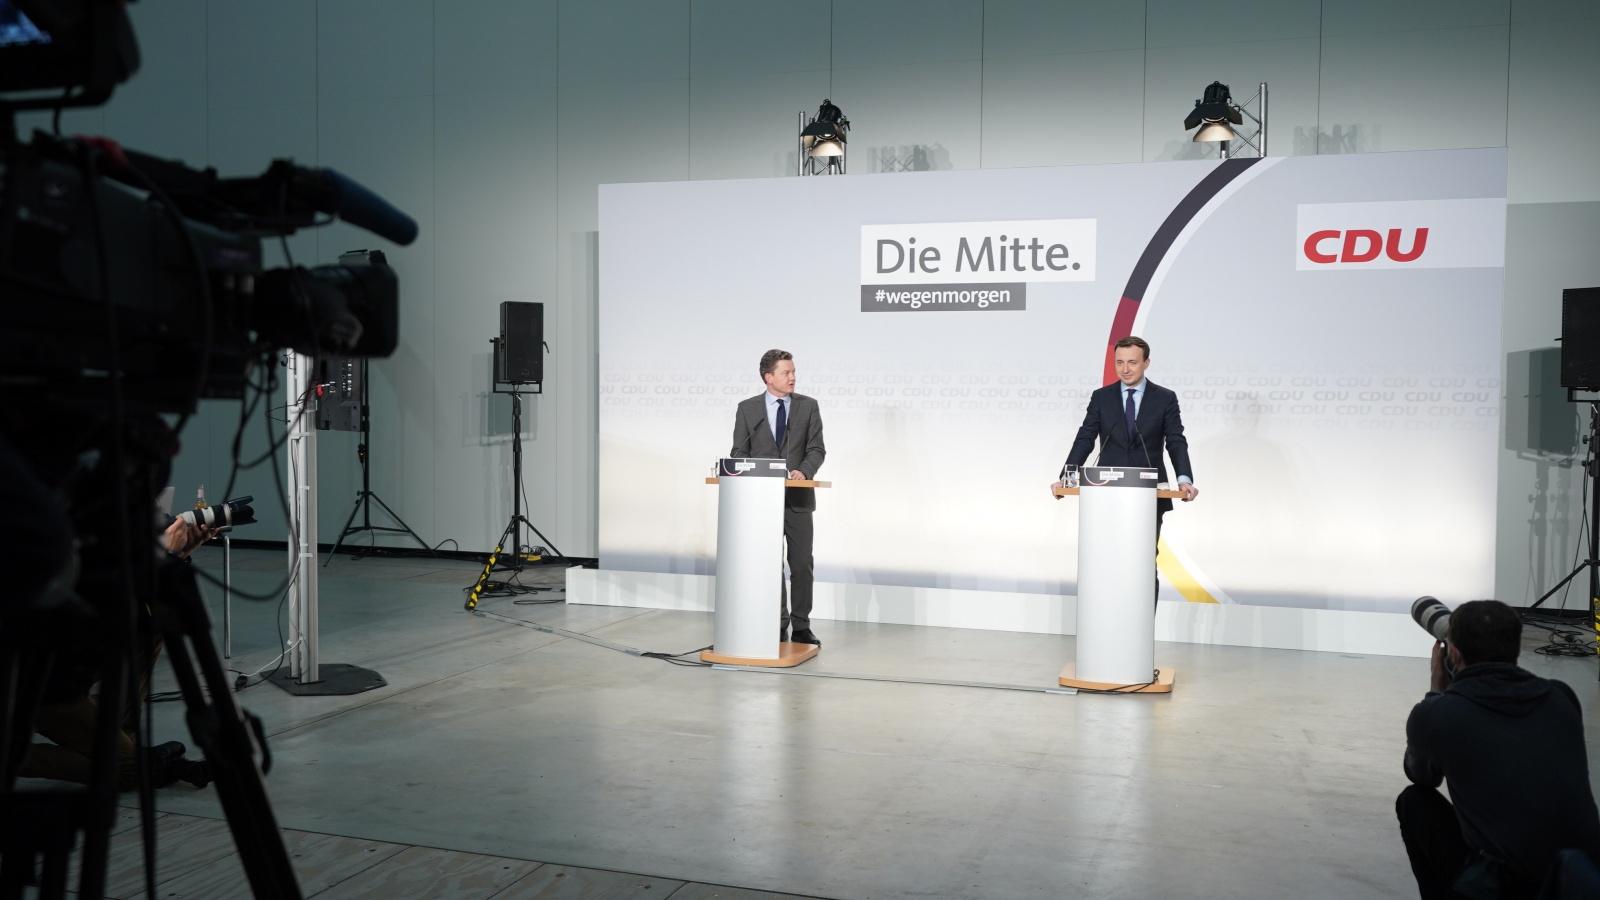 CDU-Generalsekretär Paul Ziemiak während der Pressekonferenz zum Auftakt des 33. Parteitags der CDU Deutschlands